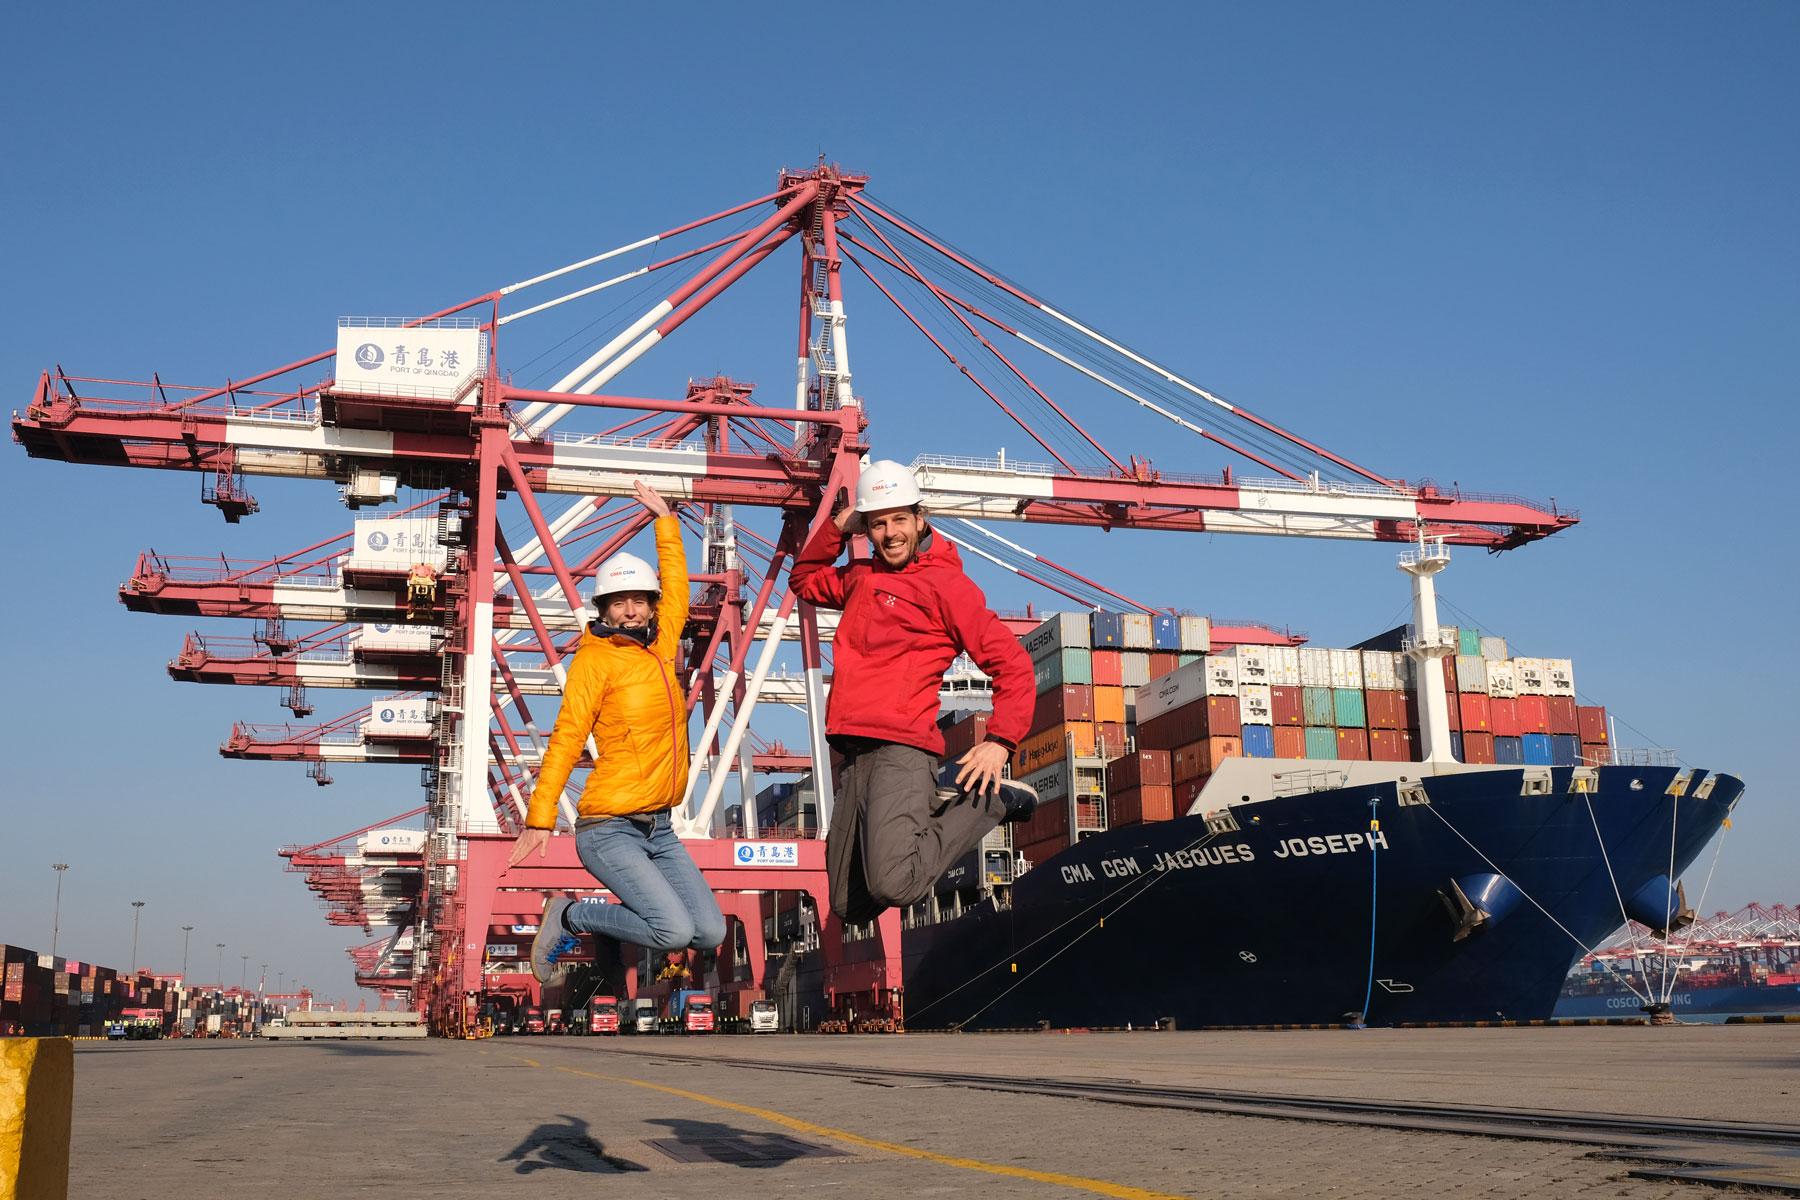 Leo uns Sebastian springen am Hafen von Qingdao vor dem Containerschiff Jacques Joseph in die Luft.